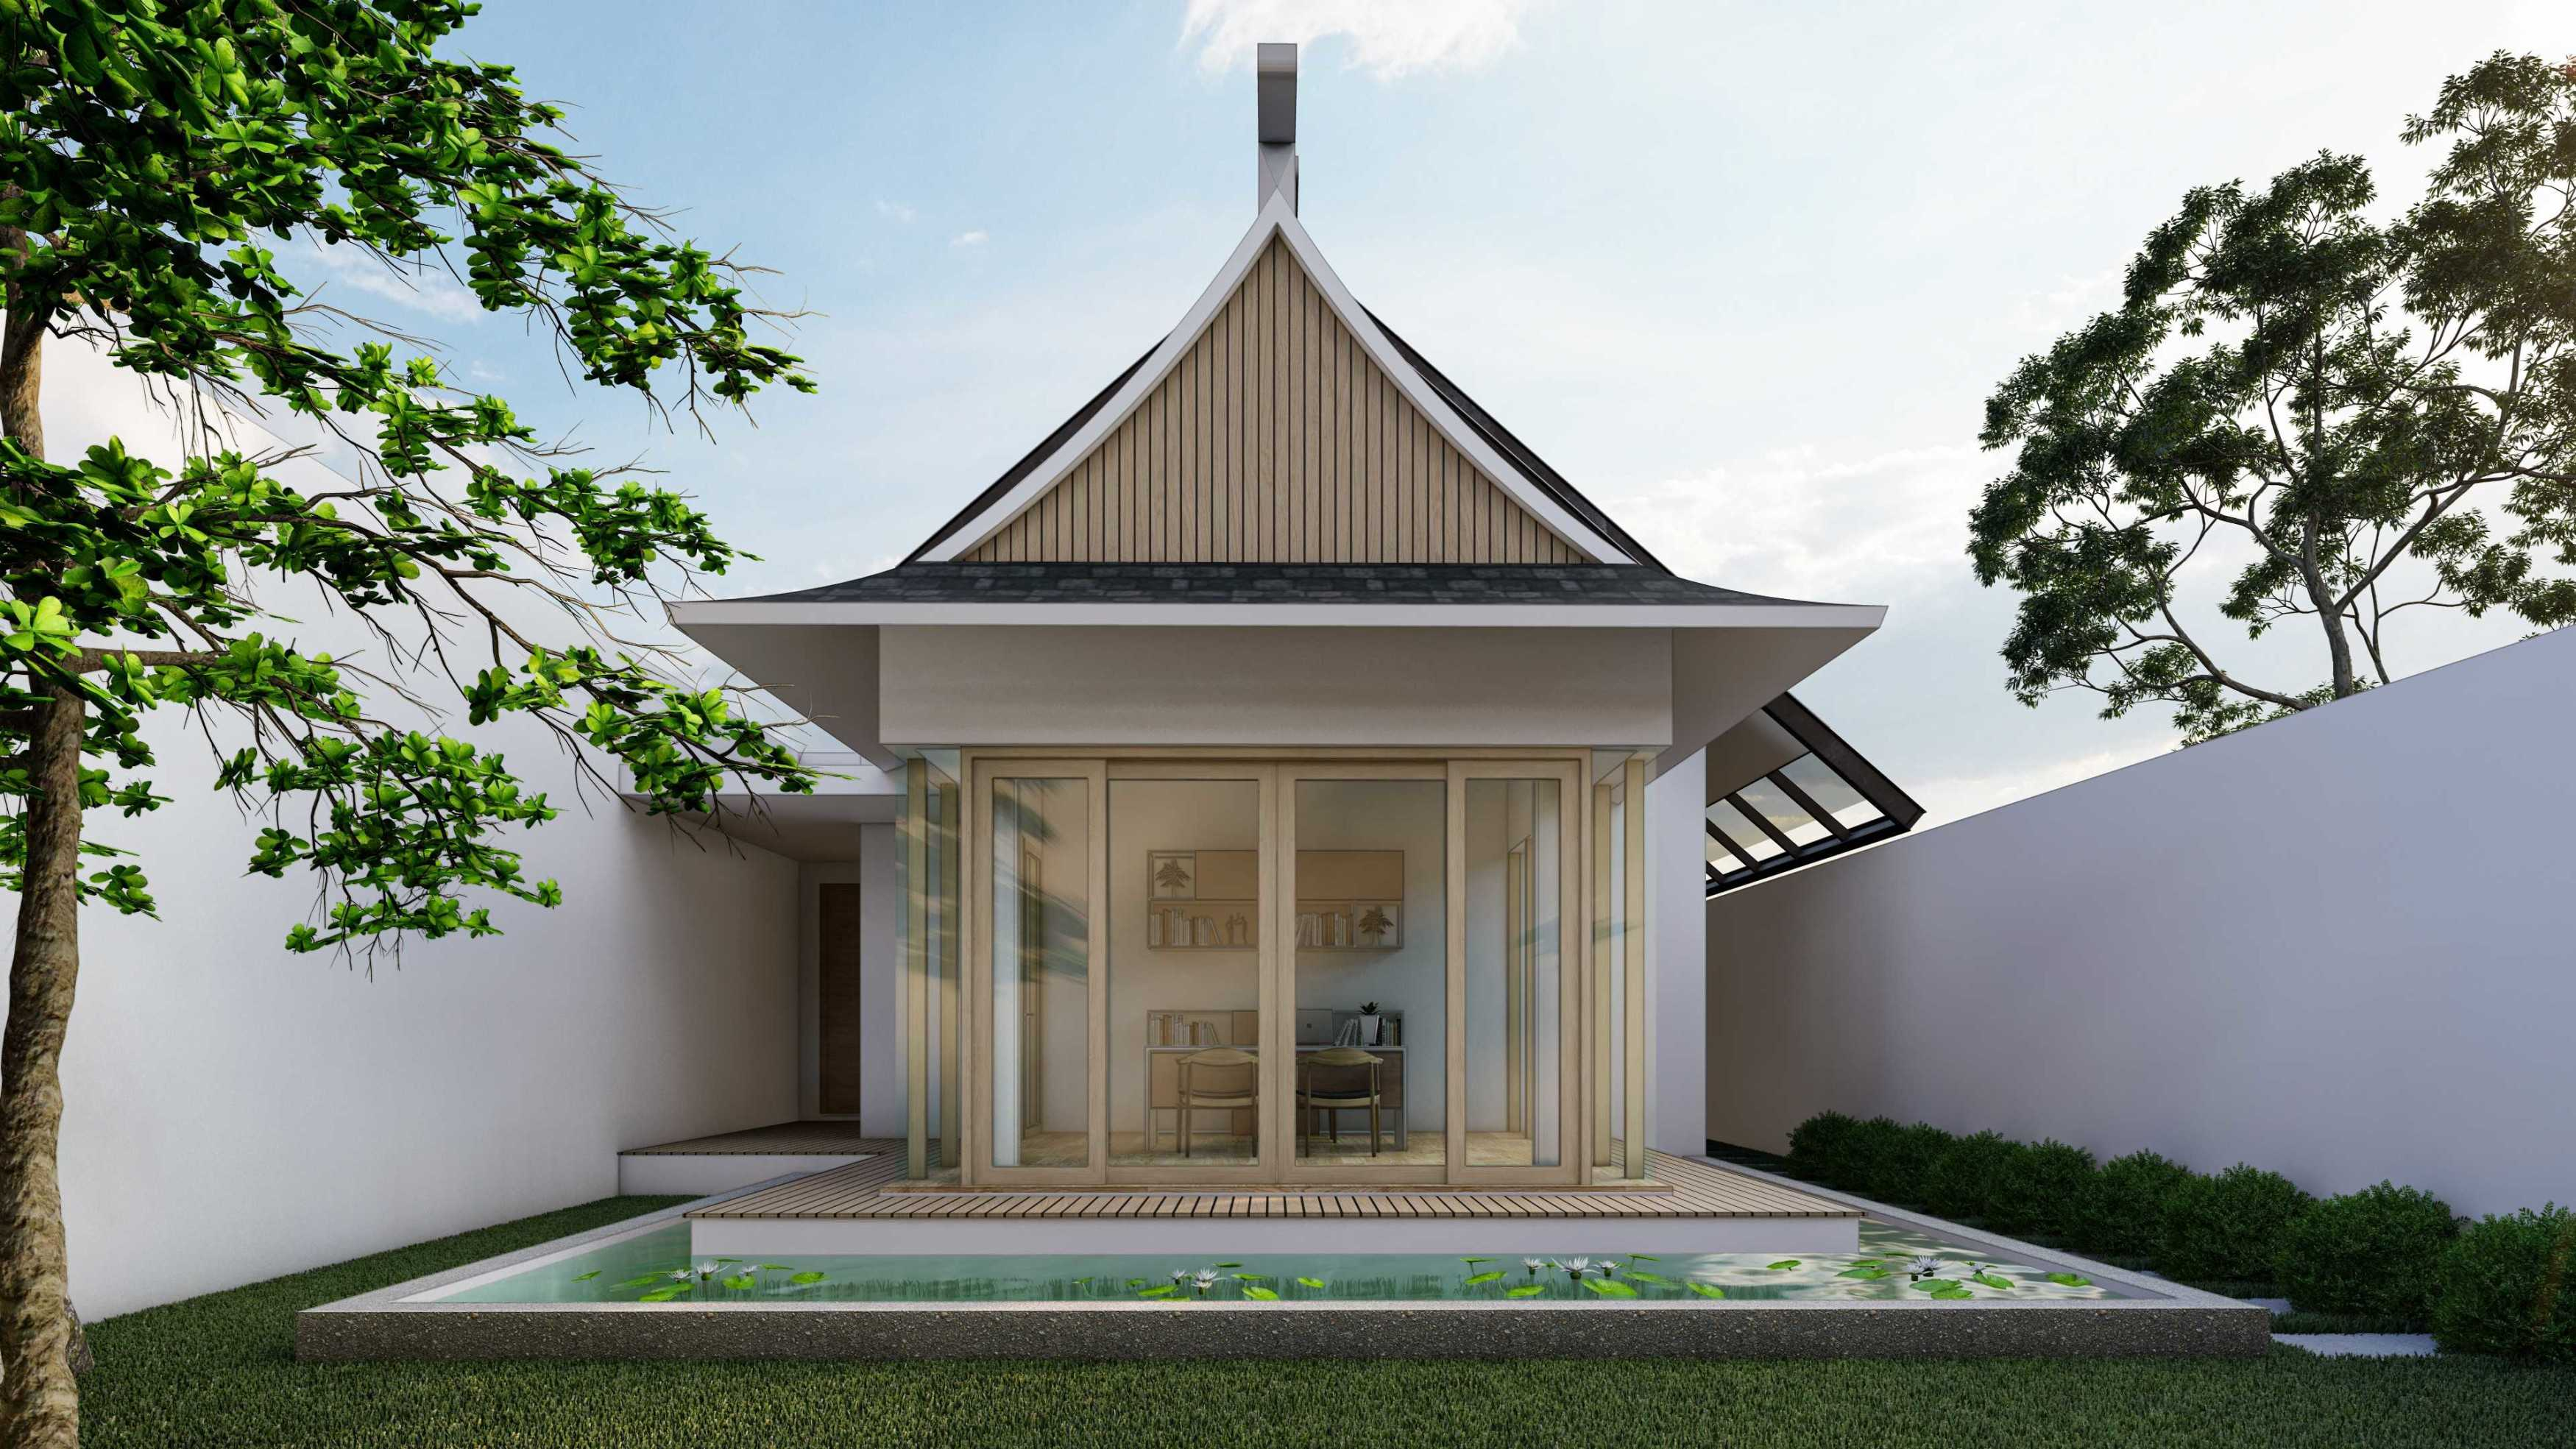 Iap Architect Db House (Desain) Kec. Colomadu, Kabupaten Karanganyar, Jawa Tengah, Indonesia Kec. Colomadu, Kabupaten Karanganyar, Jawa Tengah, Indonesia Iap-Architect-Db-House-Desain   118595